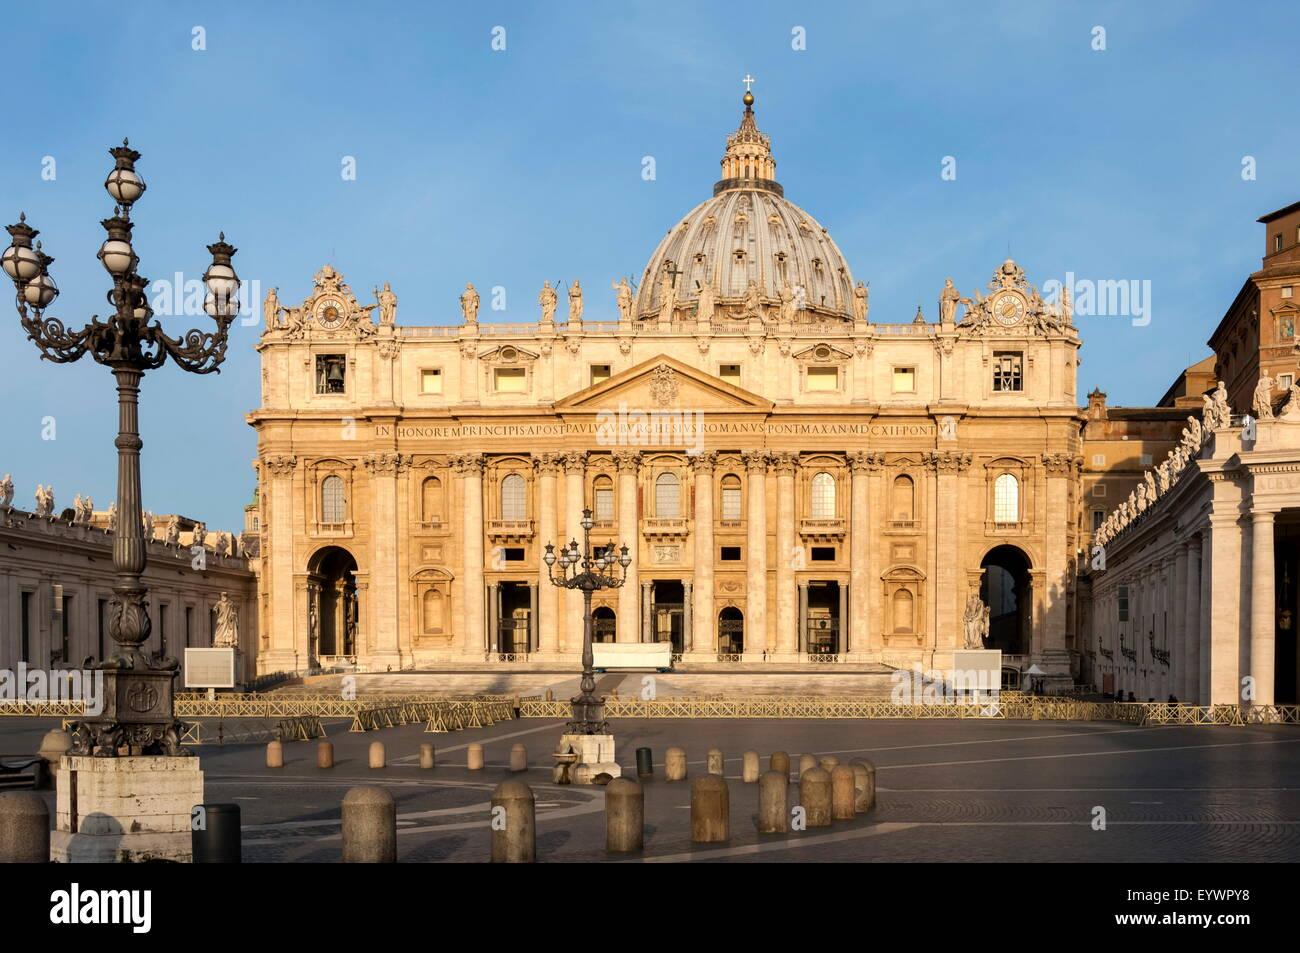 Basilica di San Pietro e Piazza San Pietro la mattina presto, Città del Vaticano, Sito Patrimonio Mondiale dell'UNESCO, Foto Stock